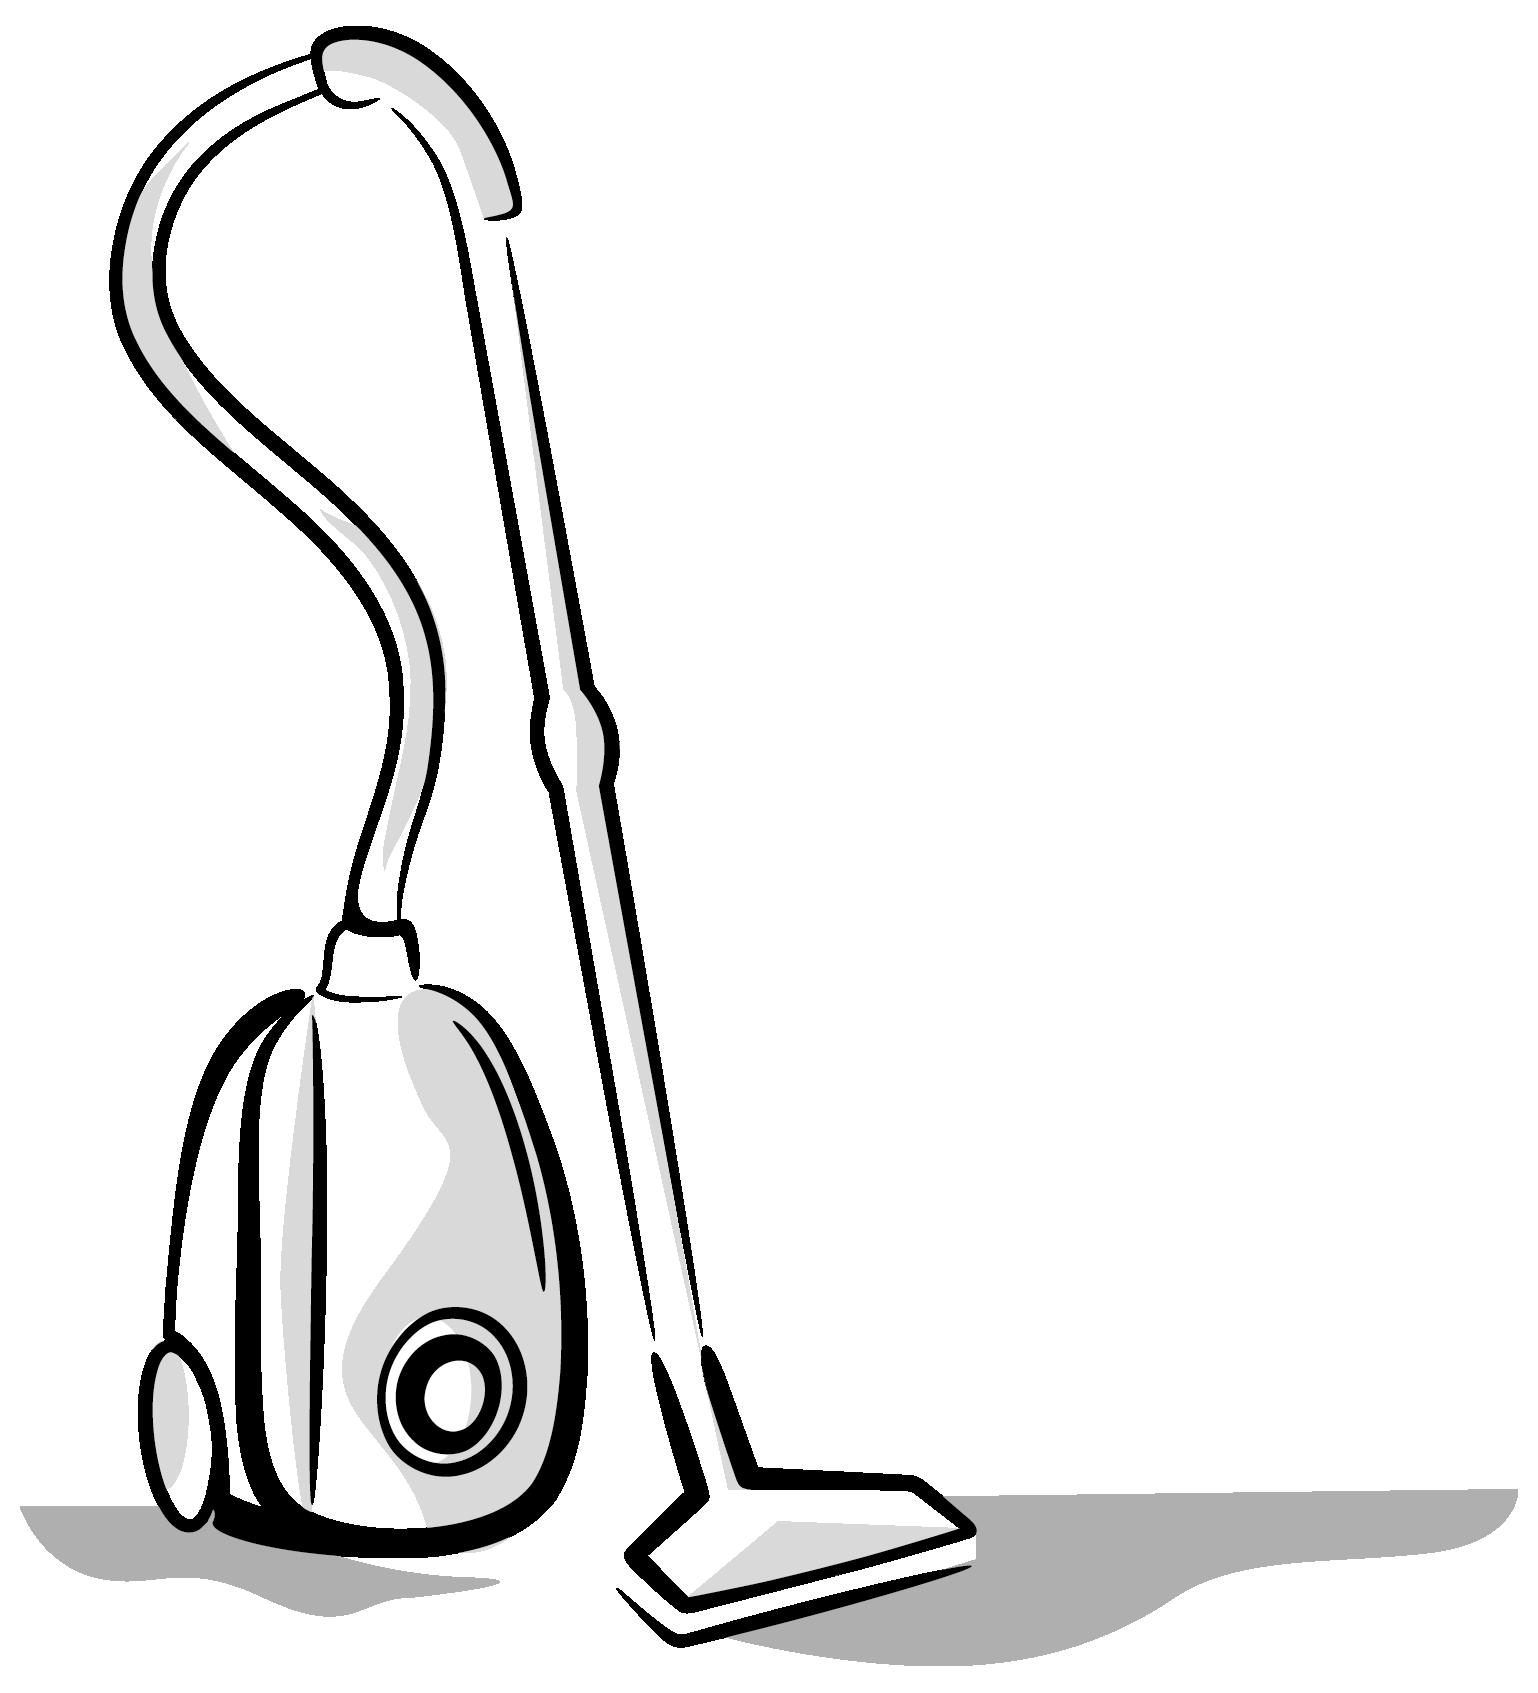 1538x1693 Vacuum Cleaners